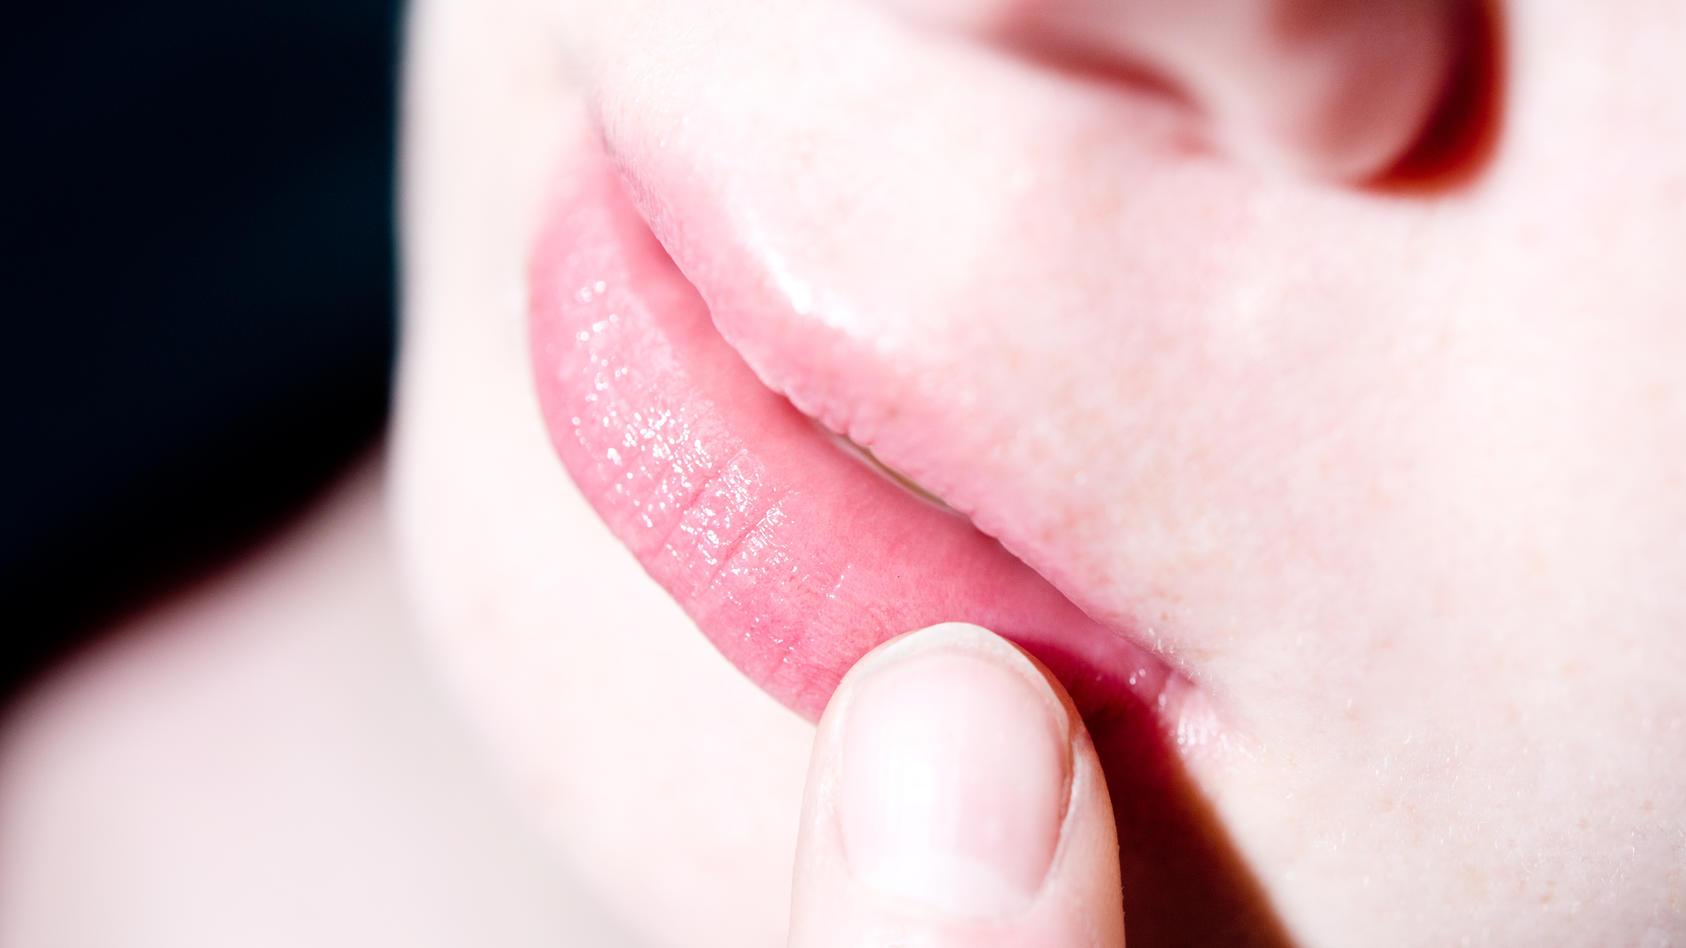 Eingerissene Mundwinkeln sind schmerzhaft und lästig.